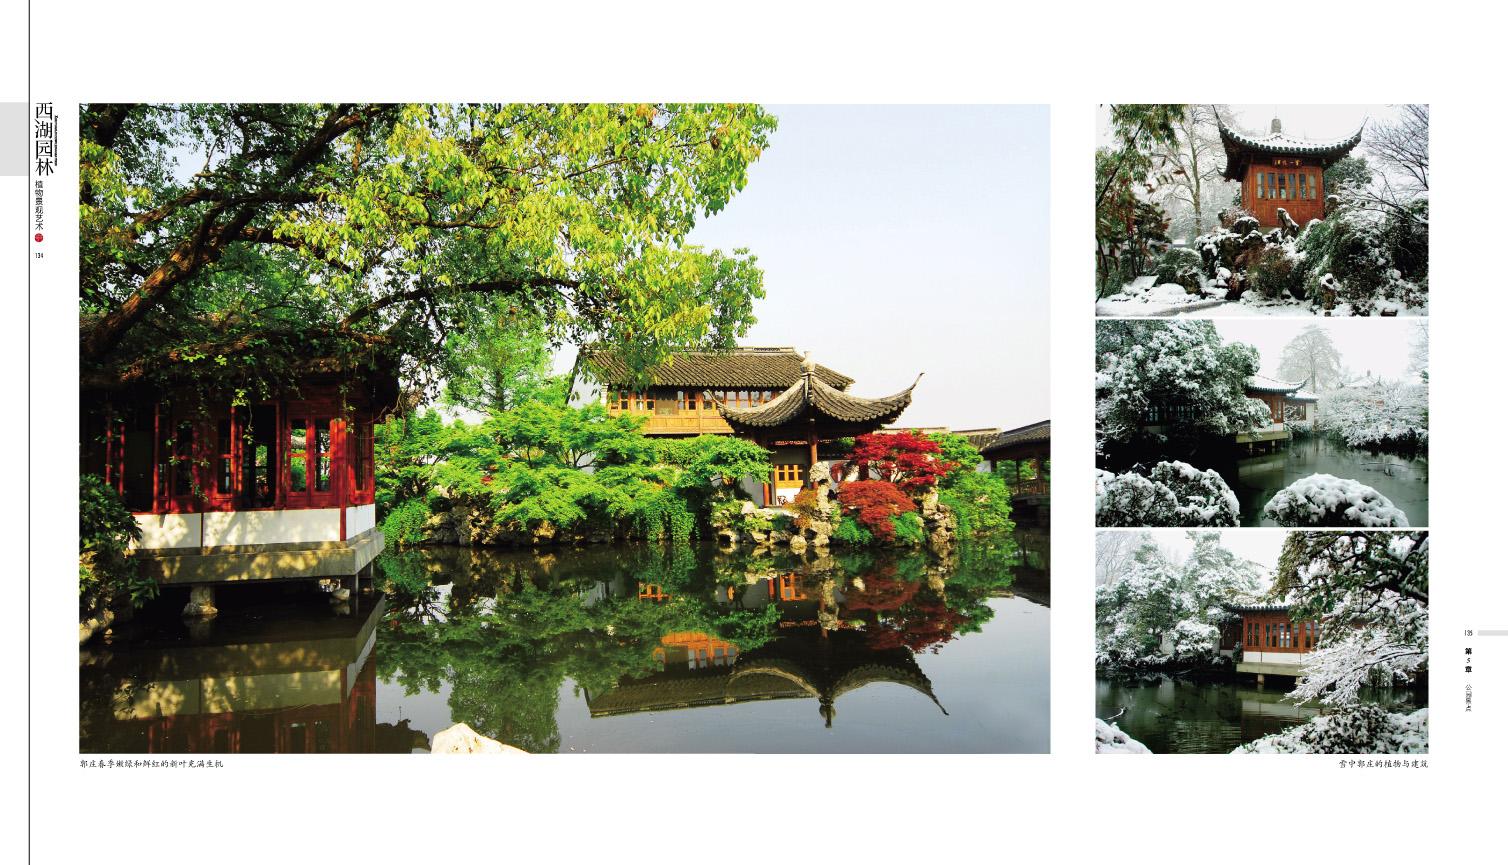 西湖园林植物景观艺术